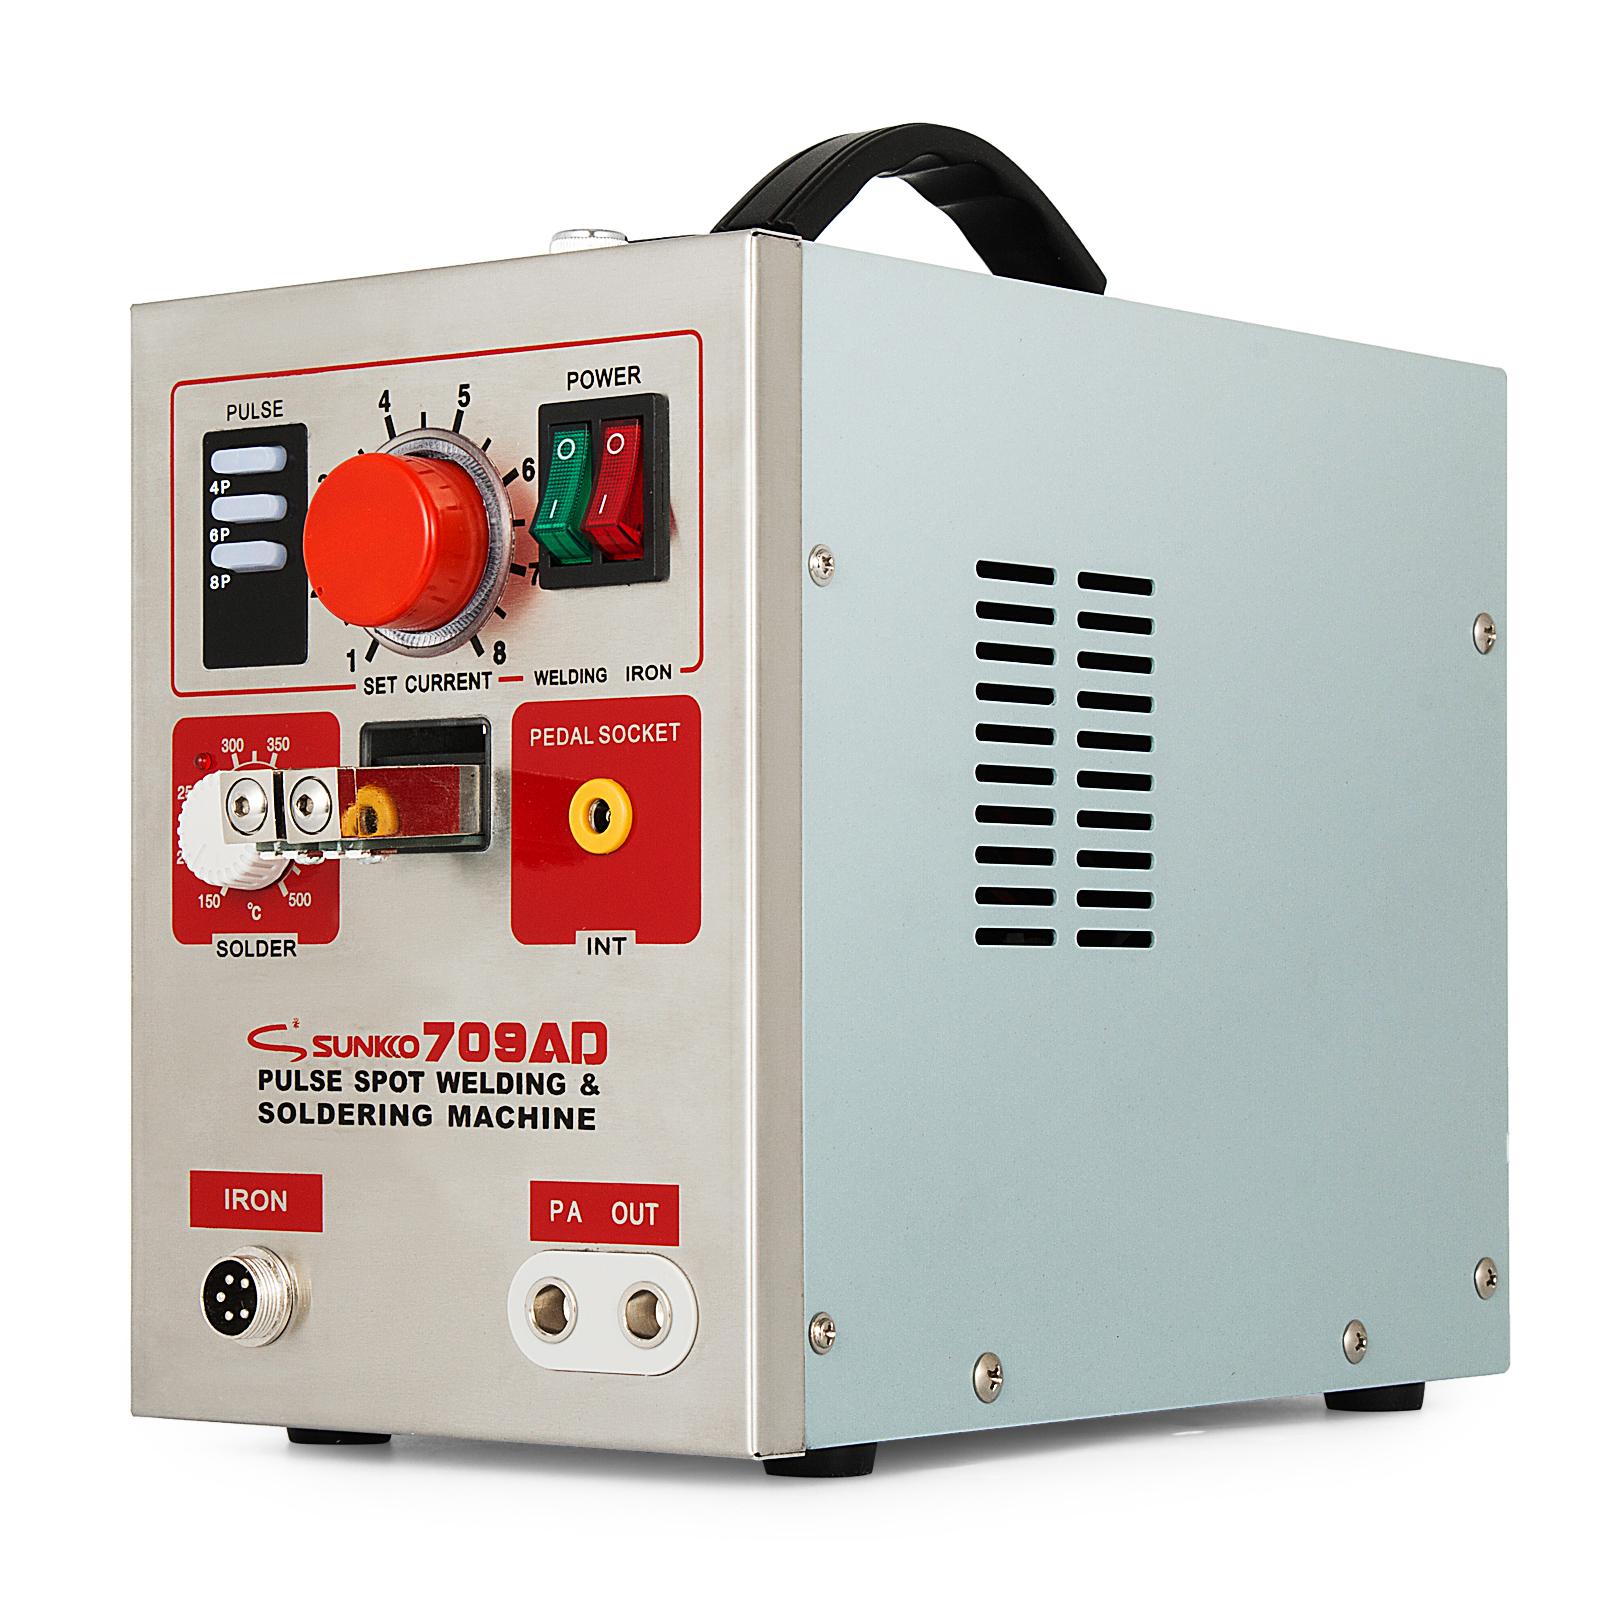 110V//220V 3 in 1 2.2kw Pulse Spot Welder Battery Welding Soldering Machine 709AD